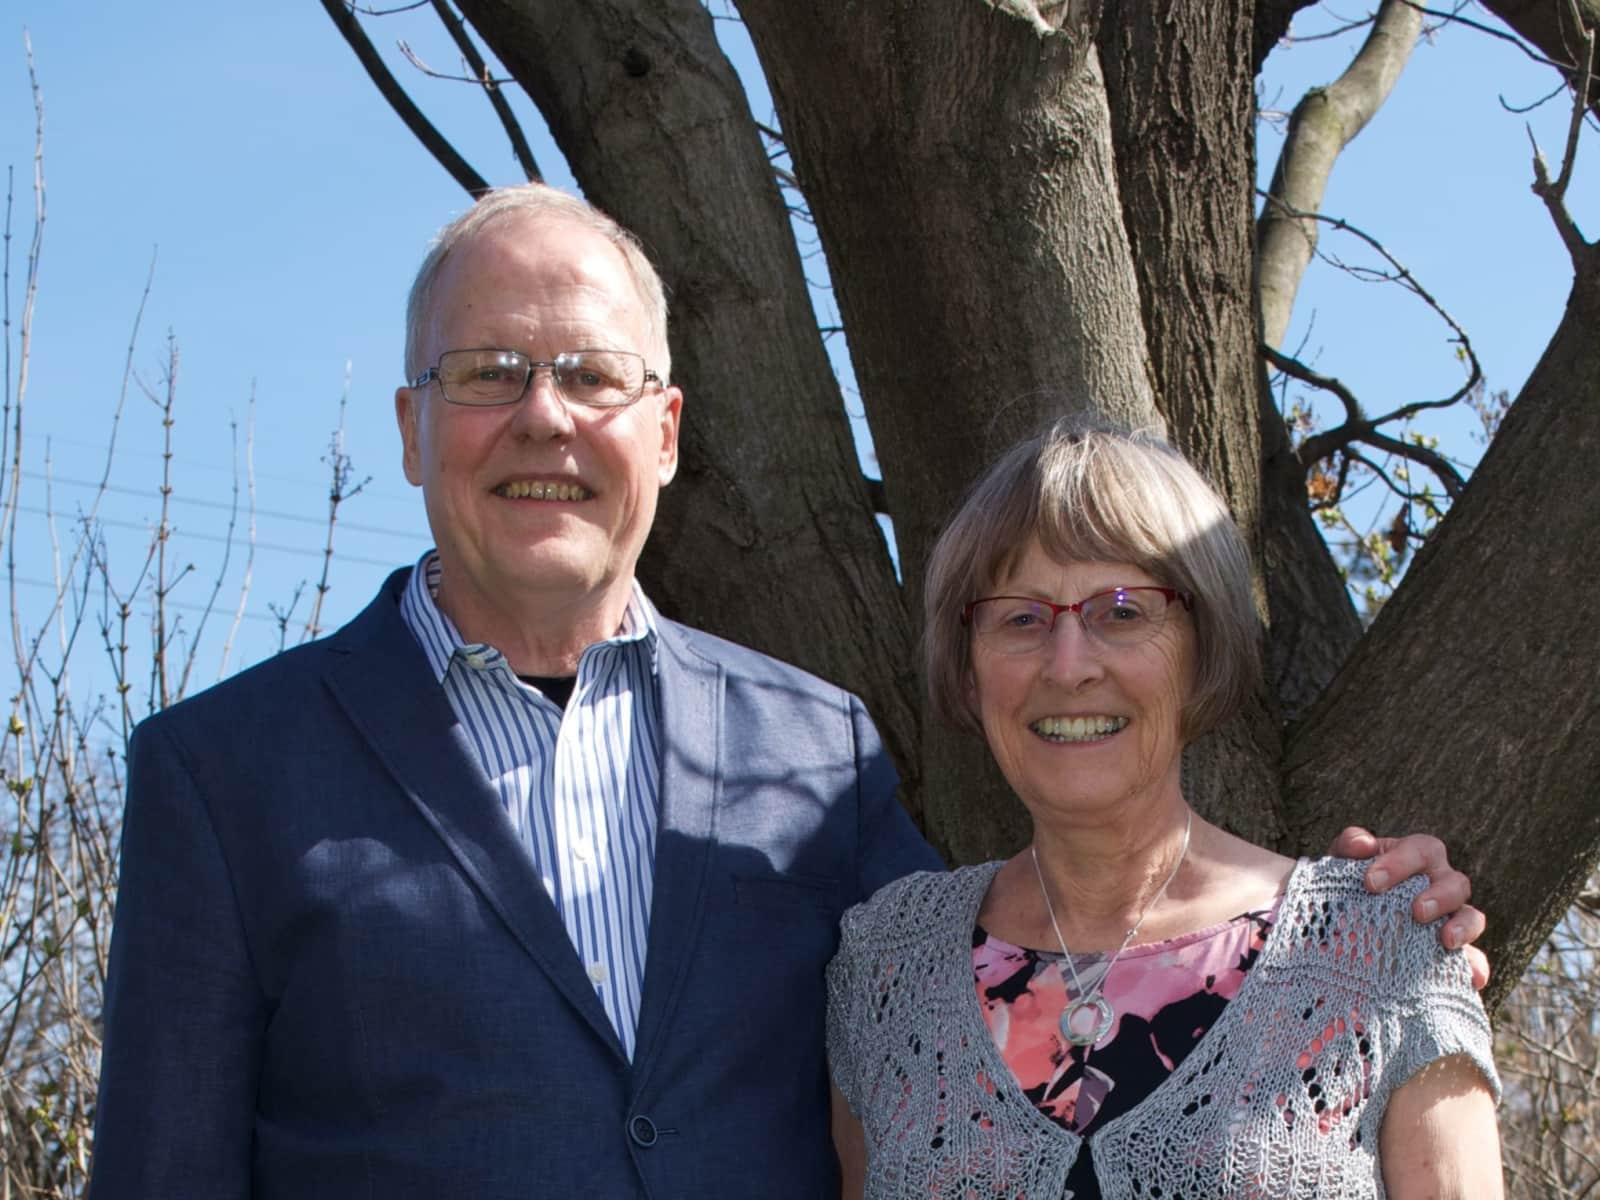 Alan & Maureen from Ottawa, Ontario, Canada